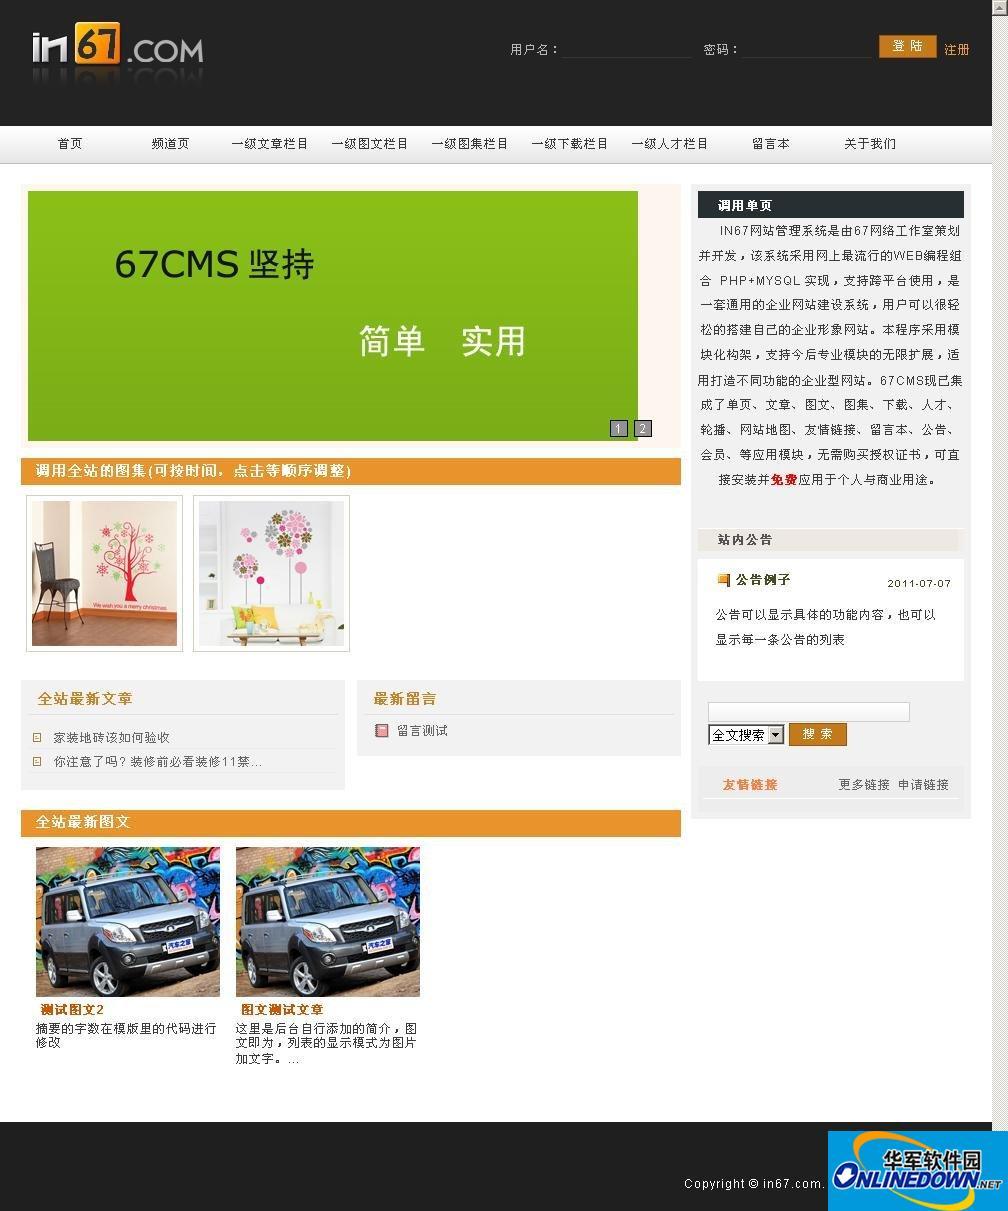 67企业网站管理系统